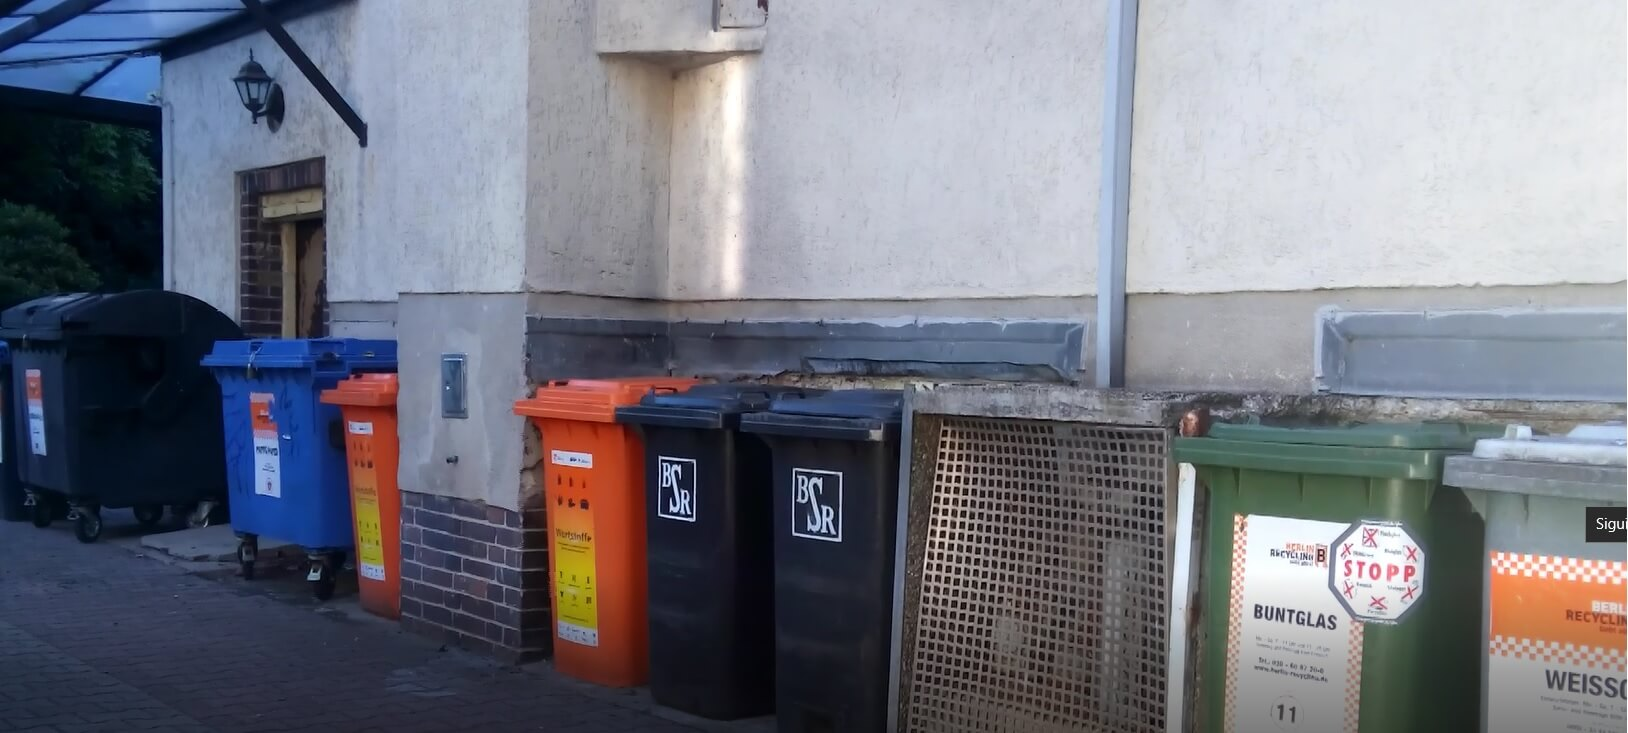 basura en Alemania